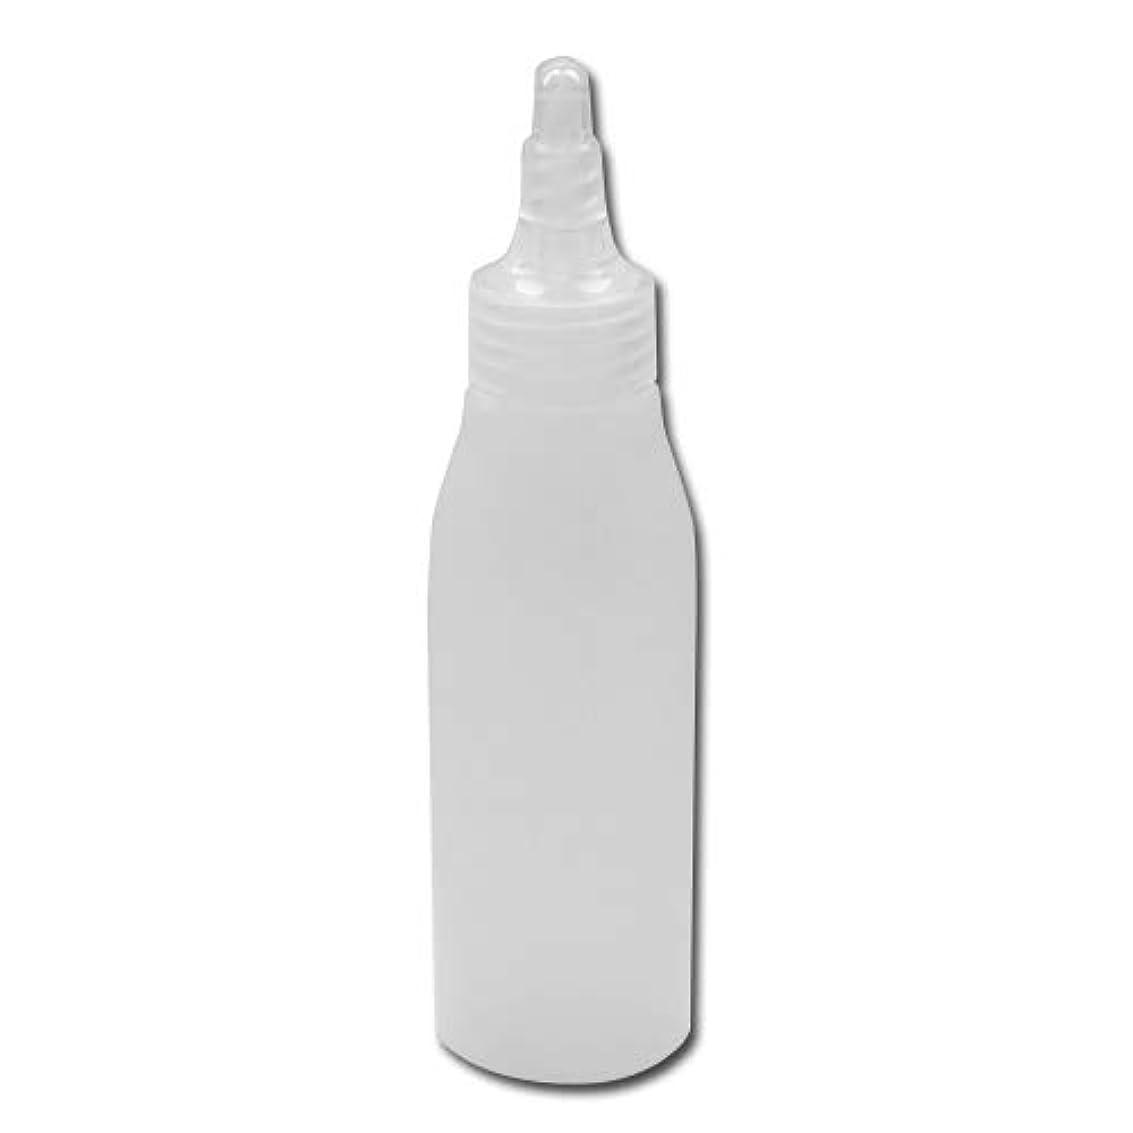 湿地それぞれ特徴づける詰め替え容器100ml 半透明 ツイストキャップ 滑らかなボトルライン ノズル式│シンプル ボディーソープ ローション等の詰替に 小分け 化粧品